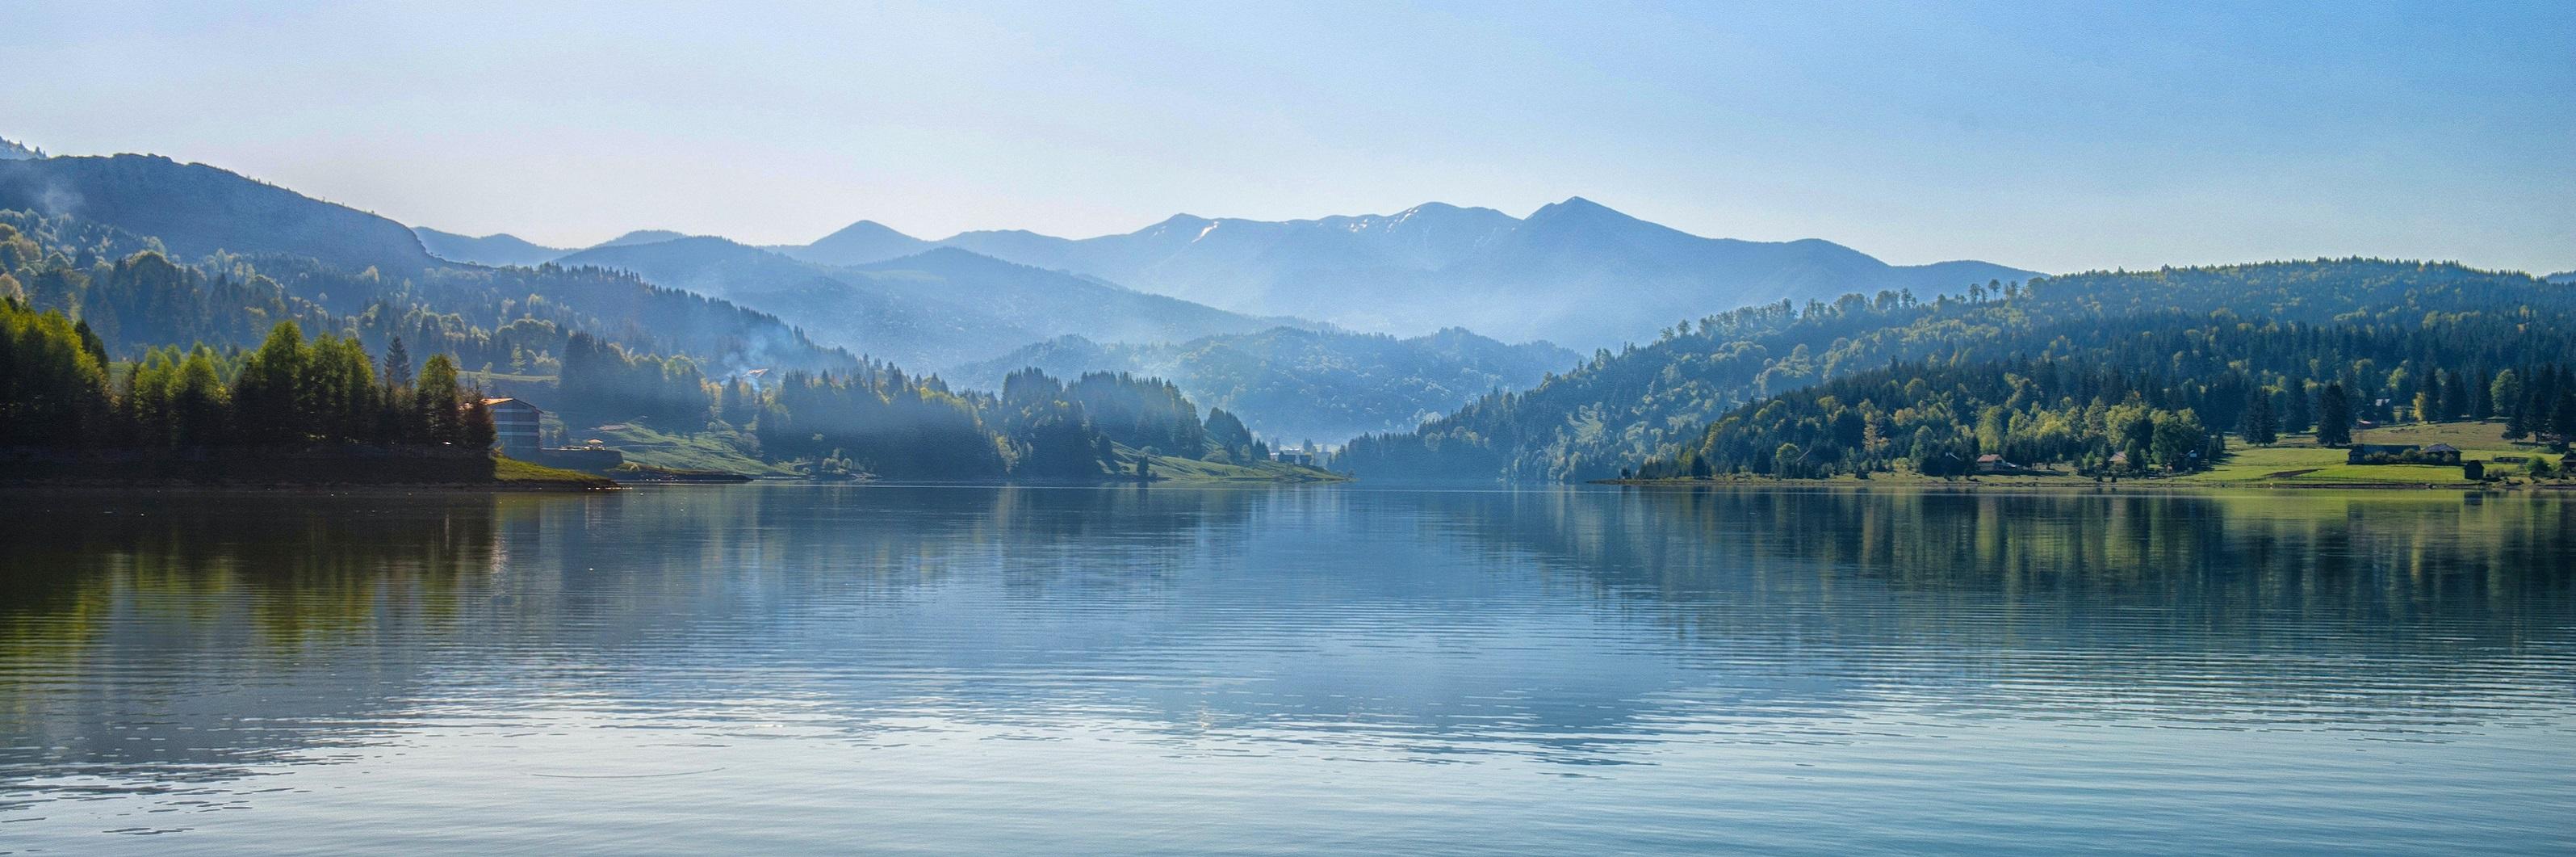 gw-fact-streams-rivers-lakes